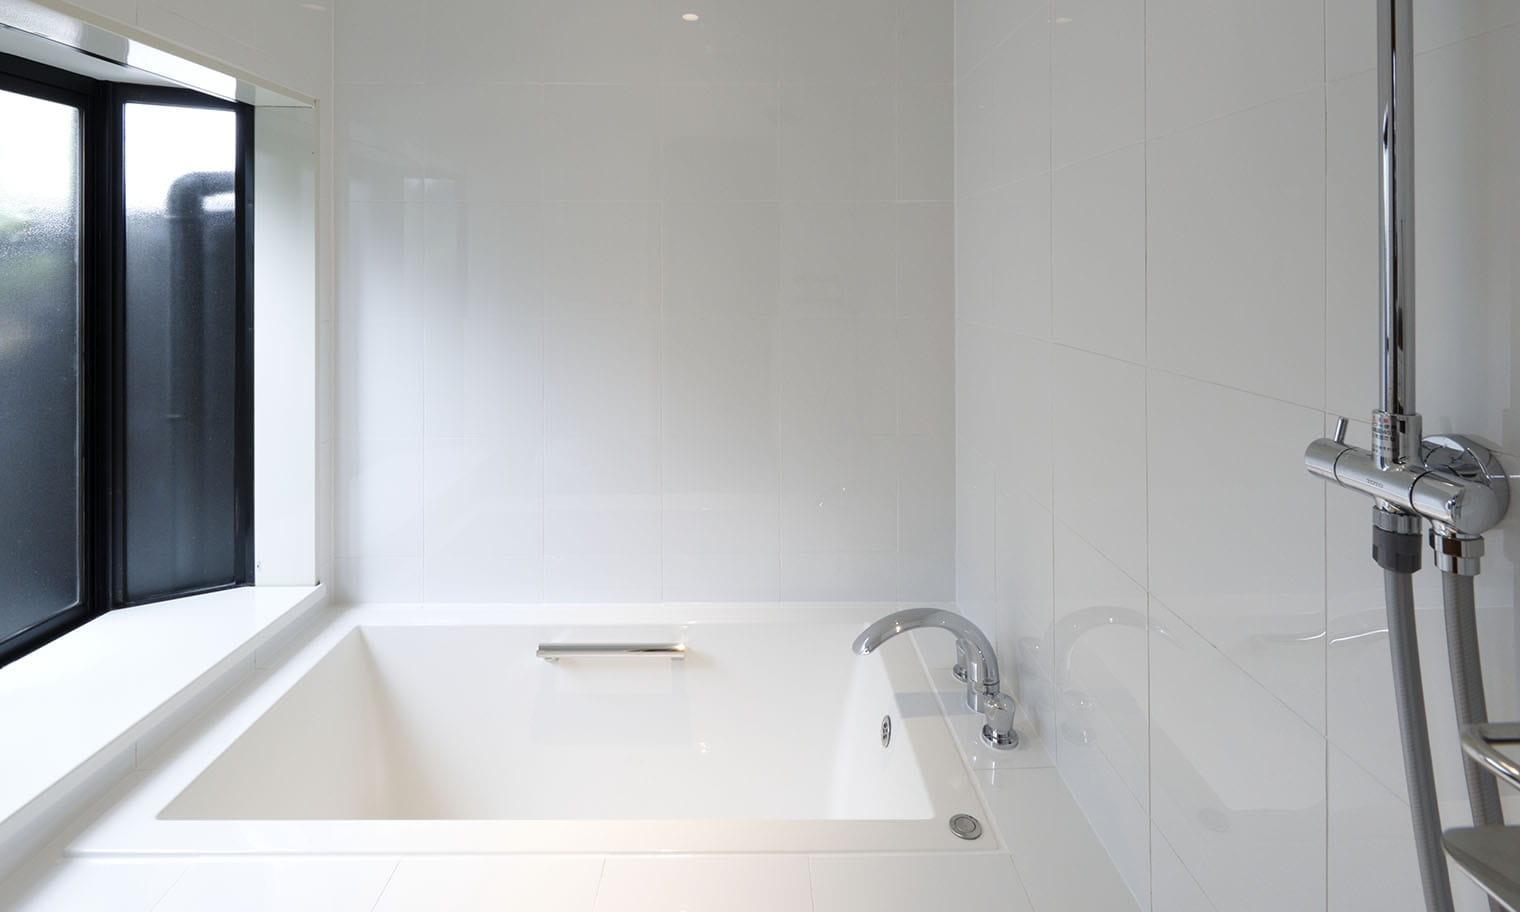 草庵秋桜 本館 内湯付き 部屋のお風呂イメージ